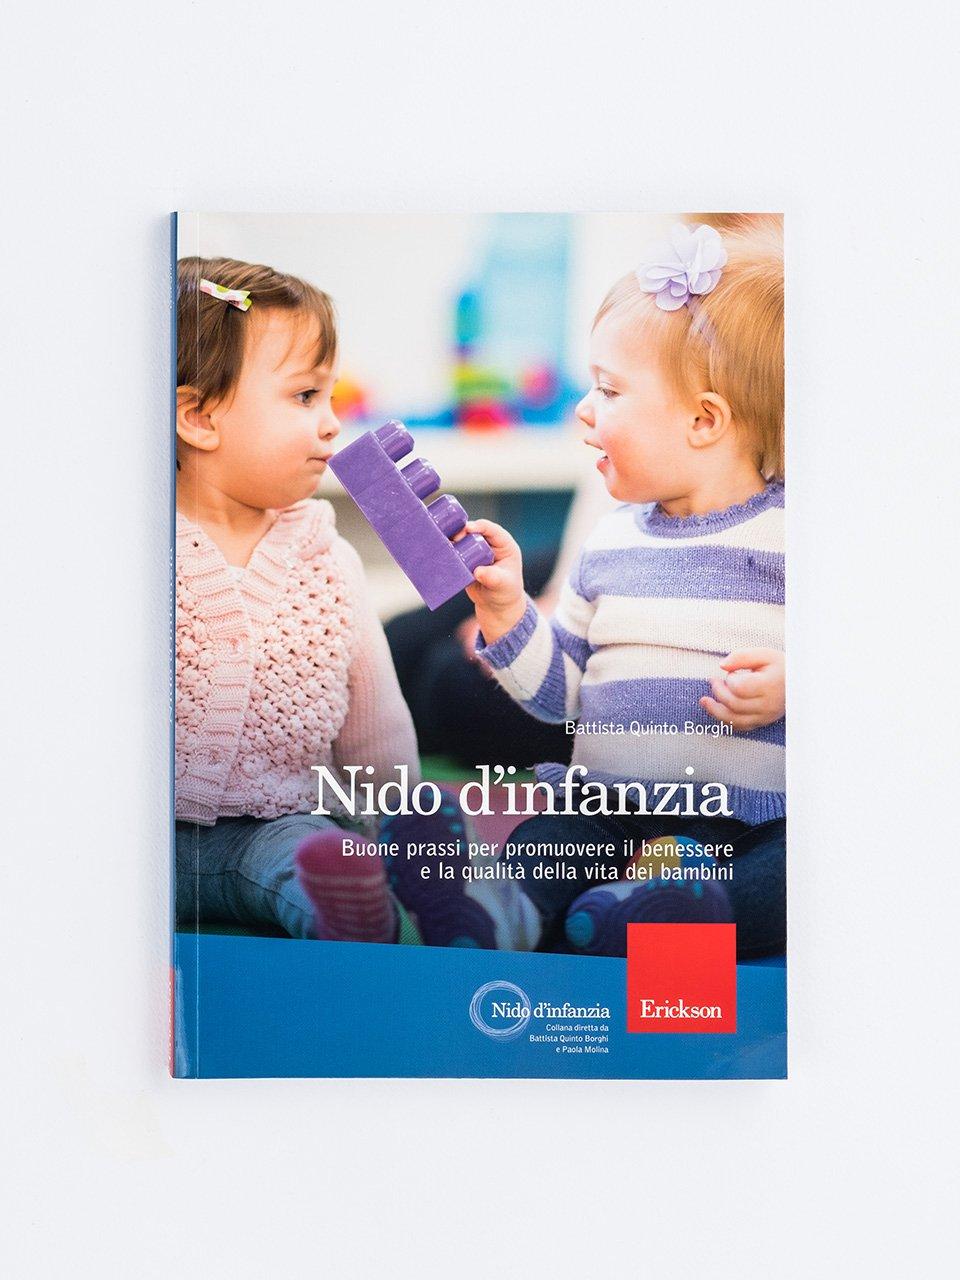 Nido d'infanzia - Test TVD - Valutazione del disagio e dispersione s - Libri - Erickson